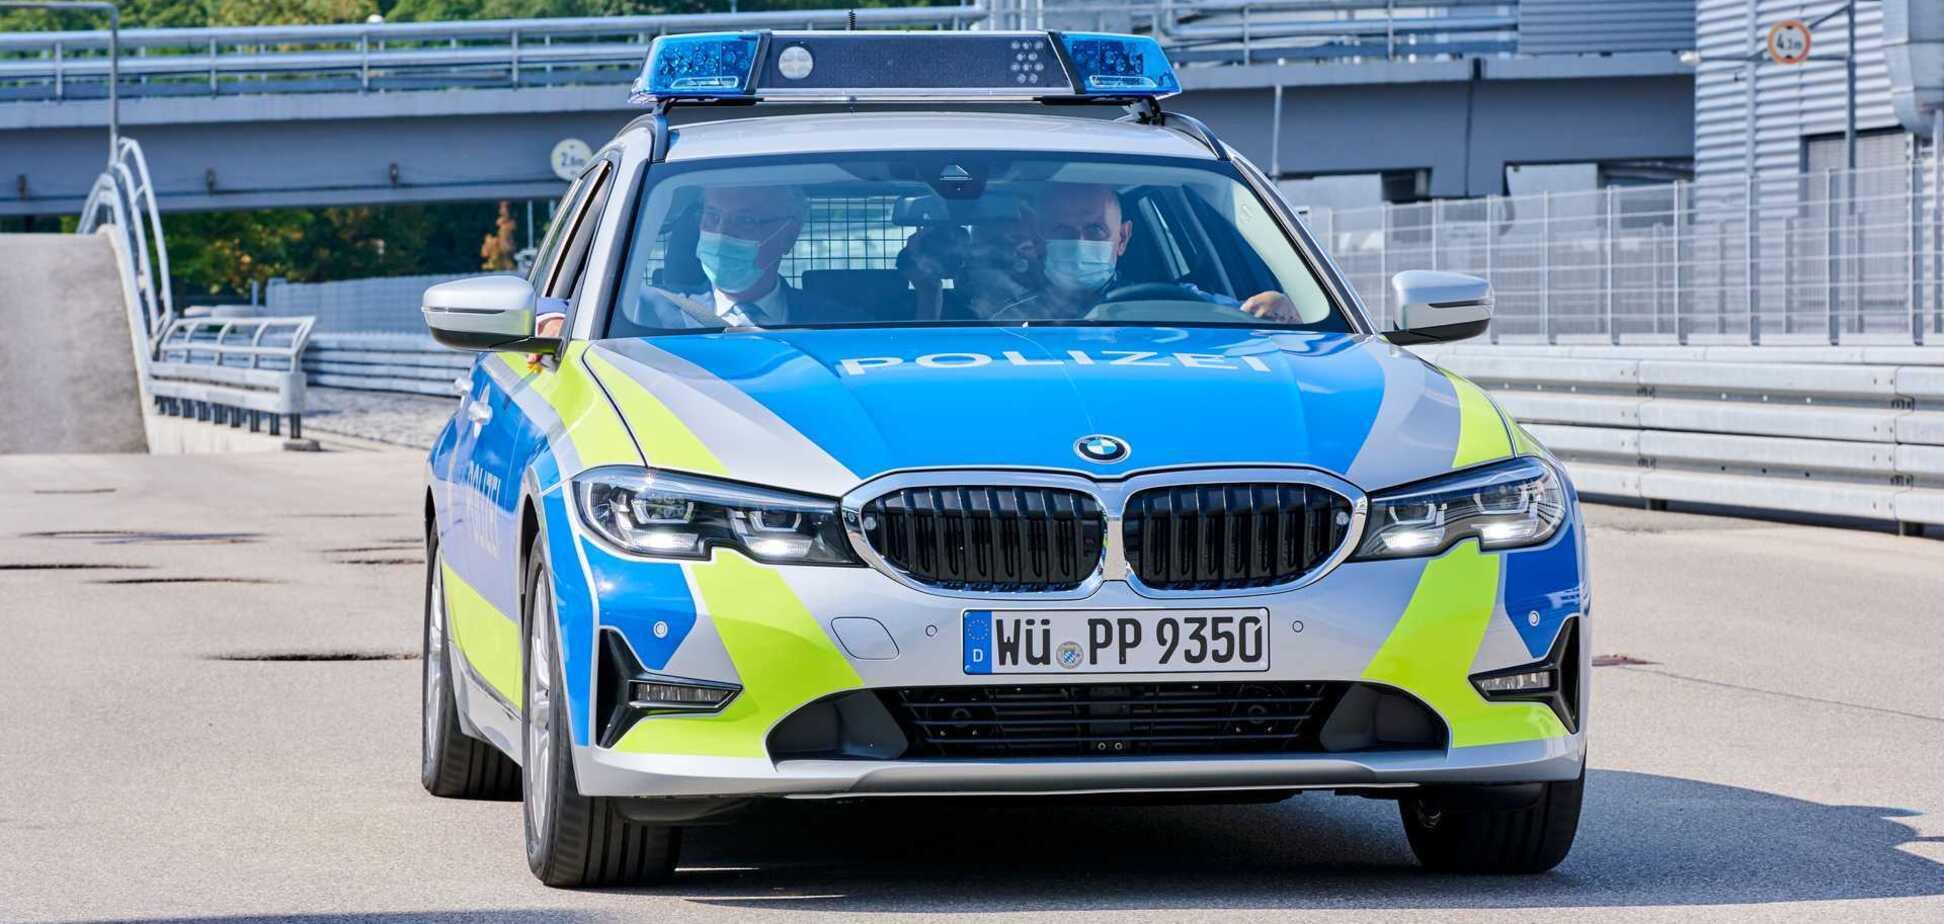 Поліція зловила німця, який 40 років керував машиною без водійських прав